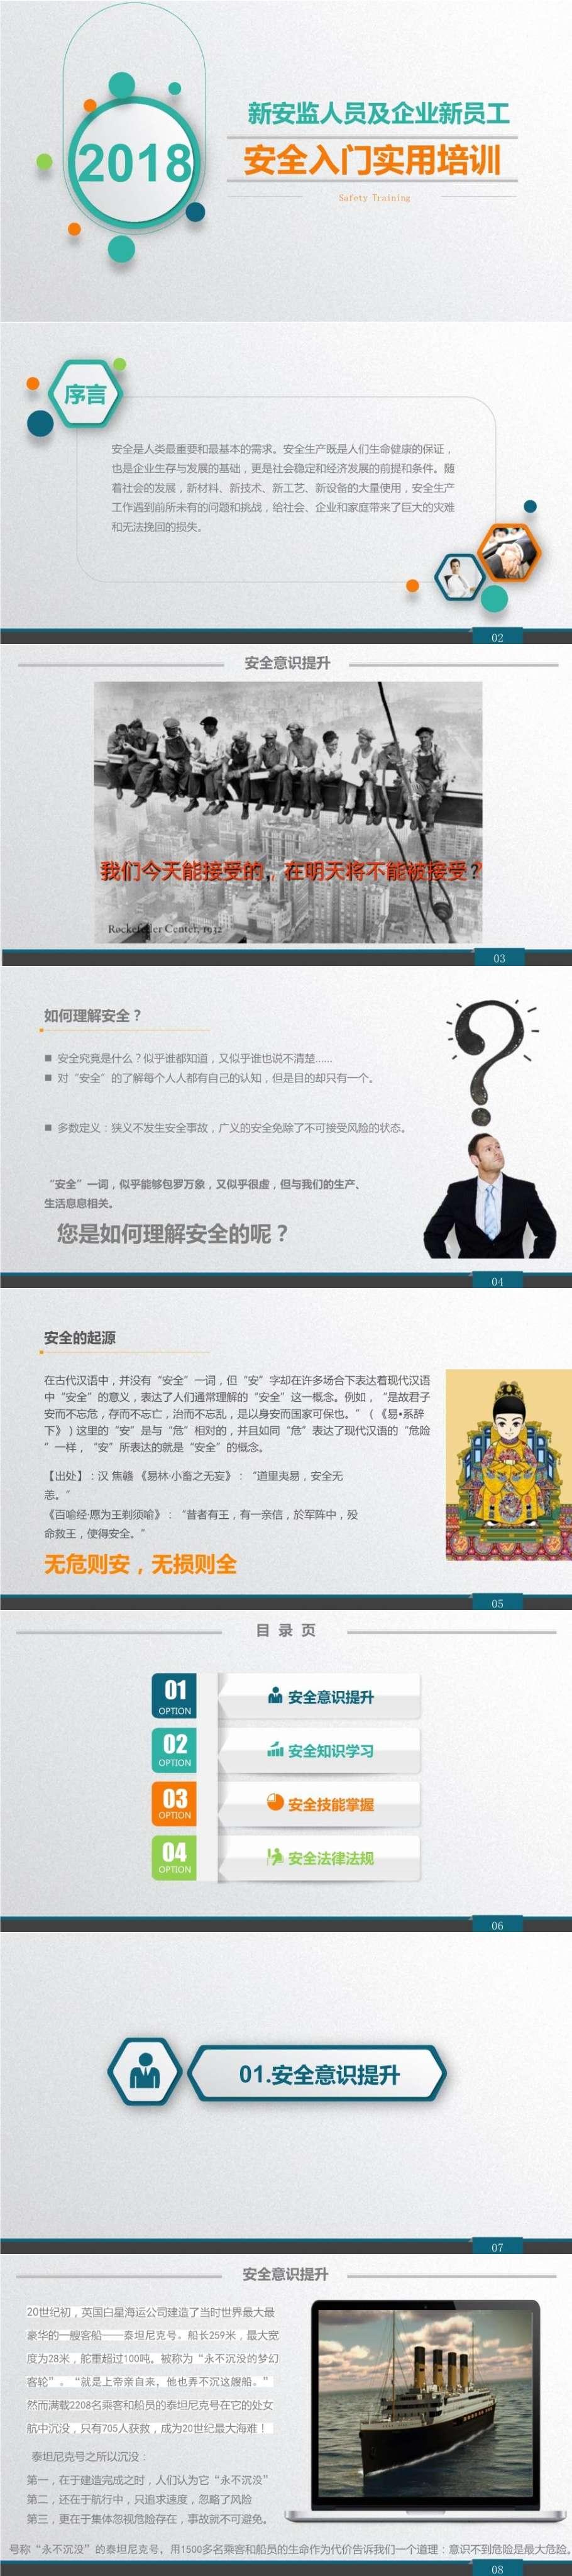 2018新安監人員及企業新員工安全入門培訓1-8_split.jpg